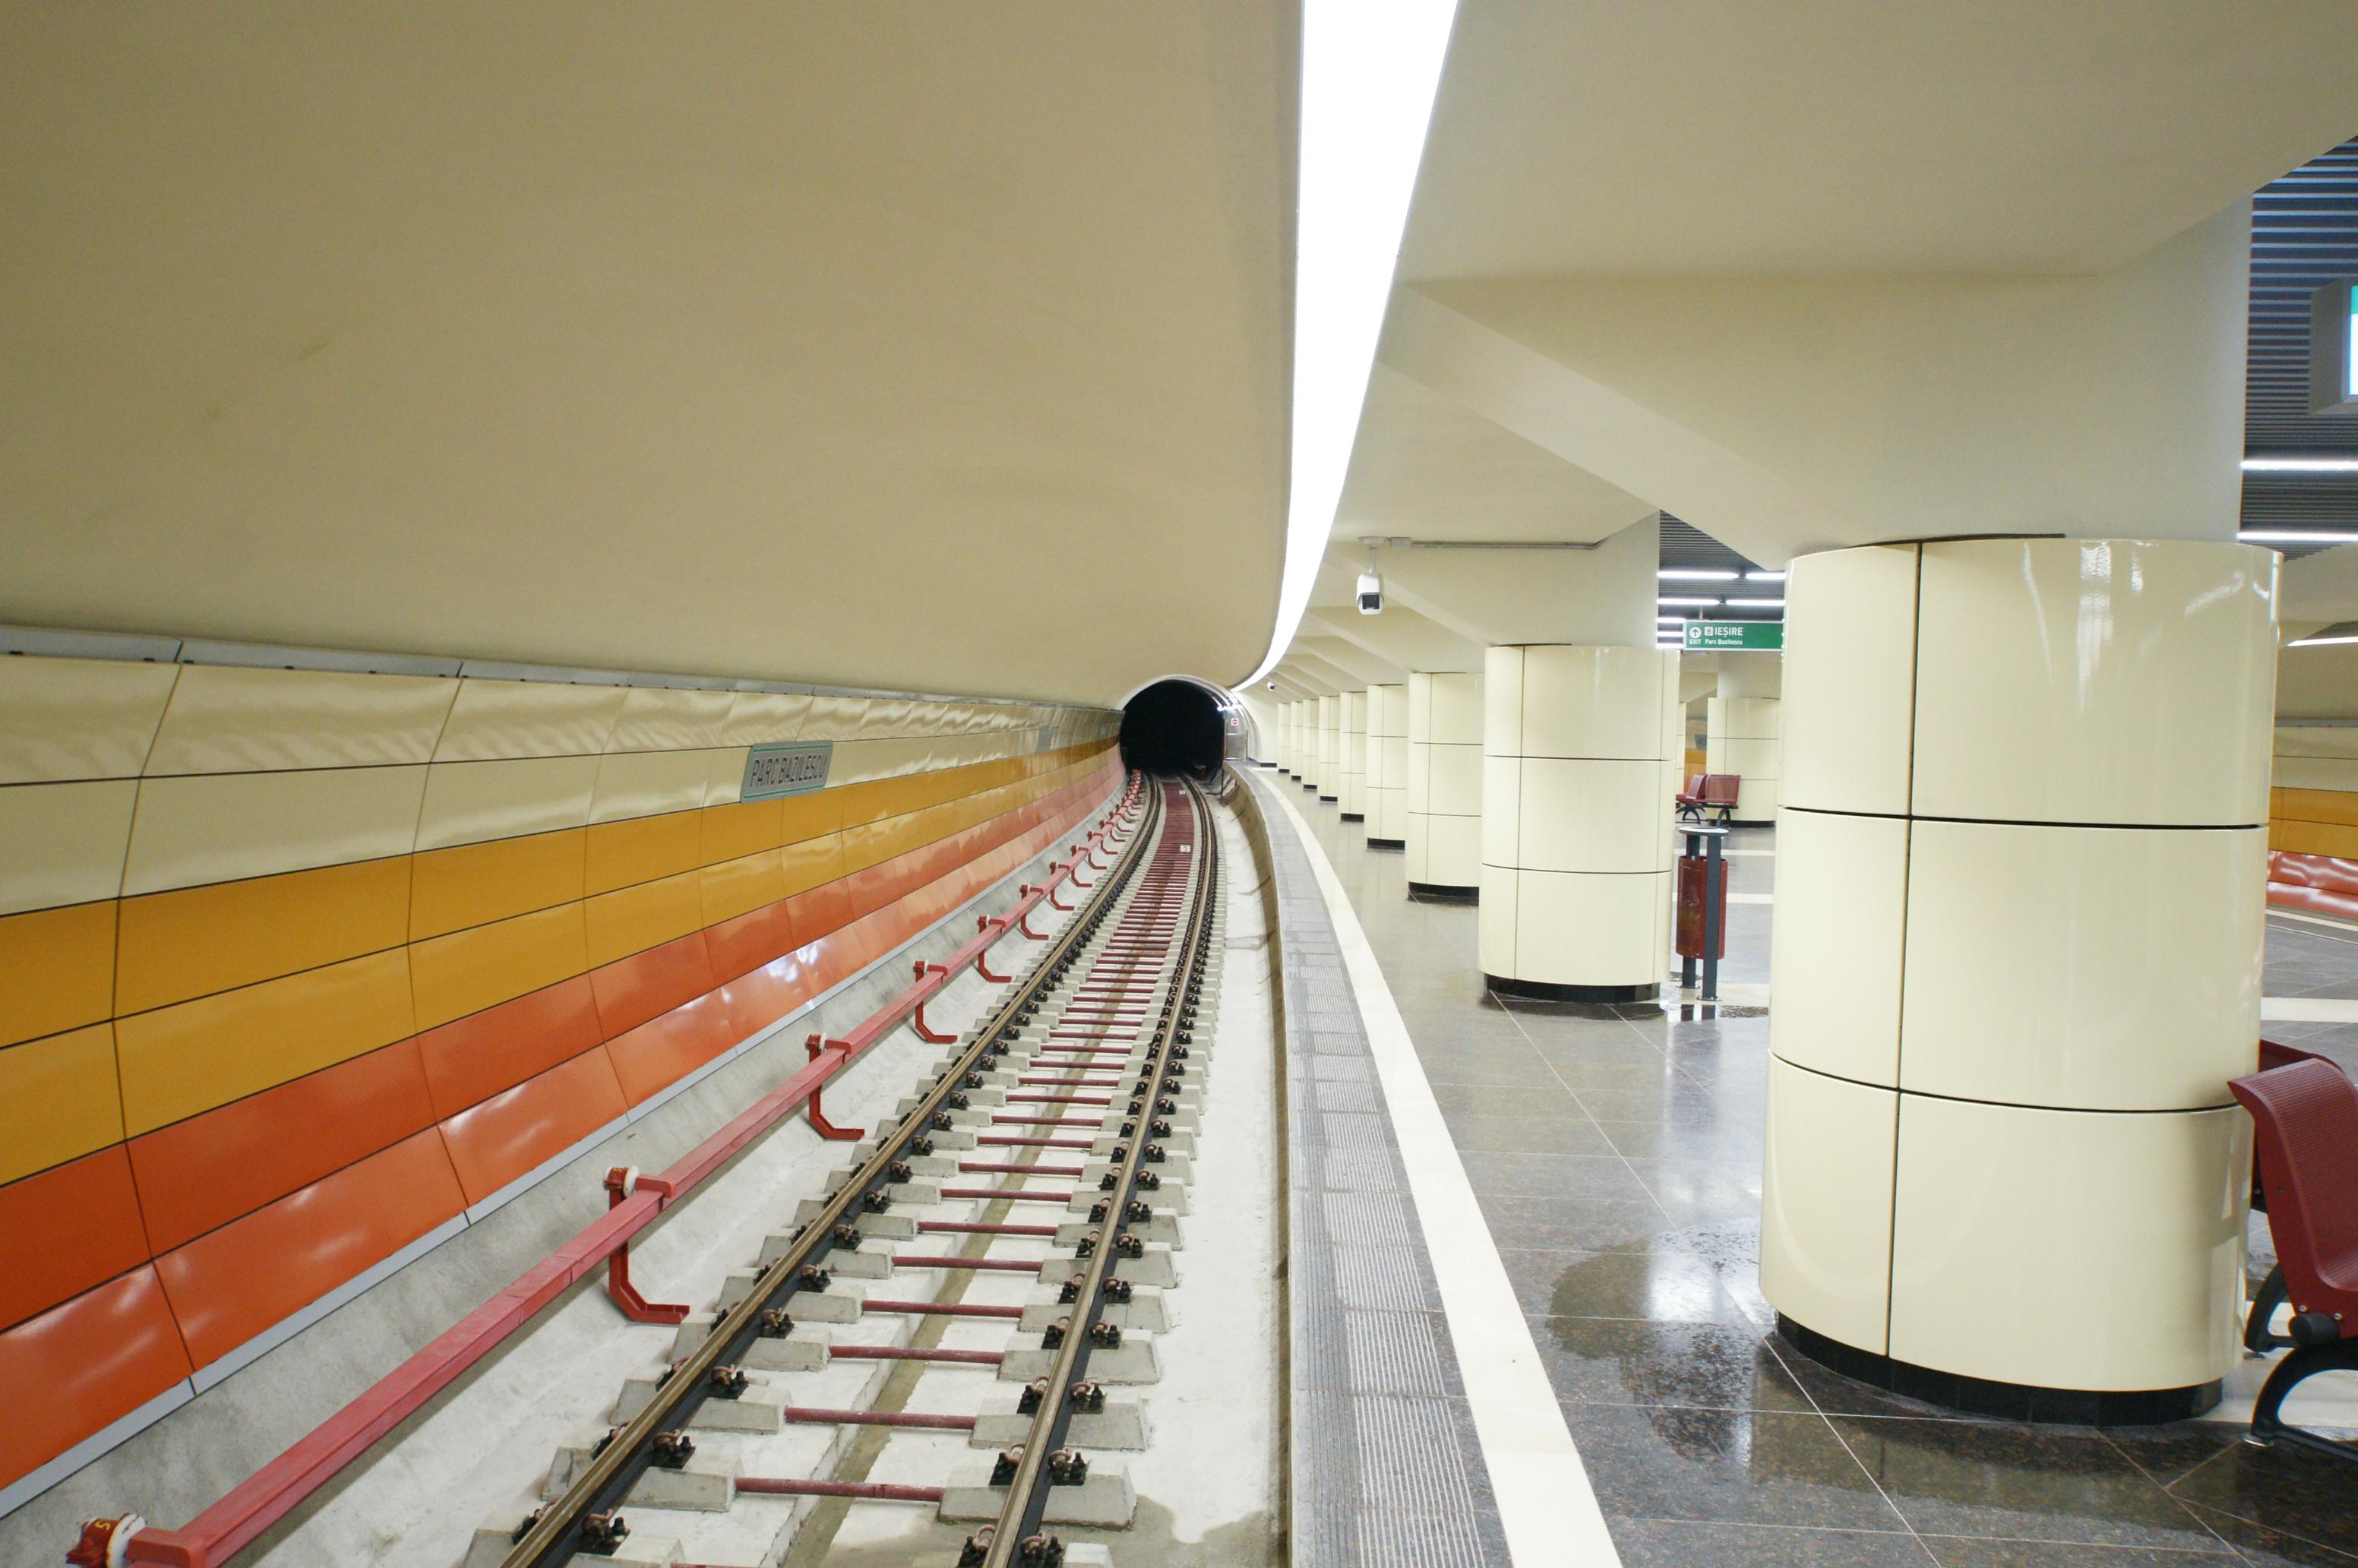 Panouri din tabla de otel folosite la statia de metrou Bazilescu OMERAS - Poza 7